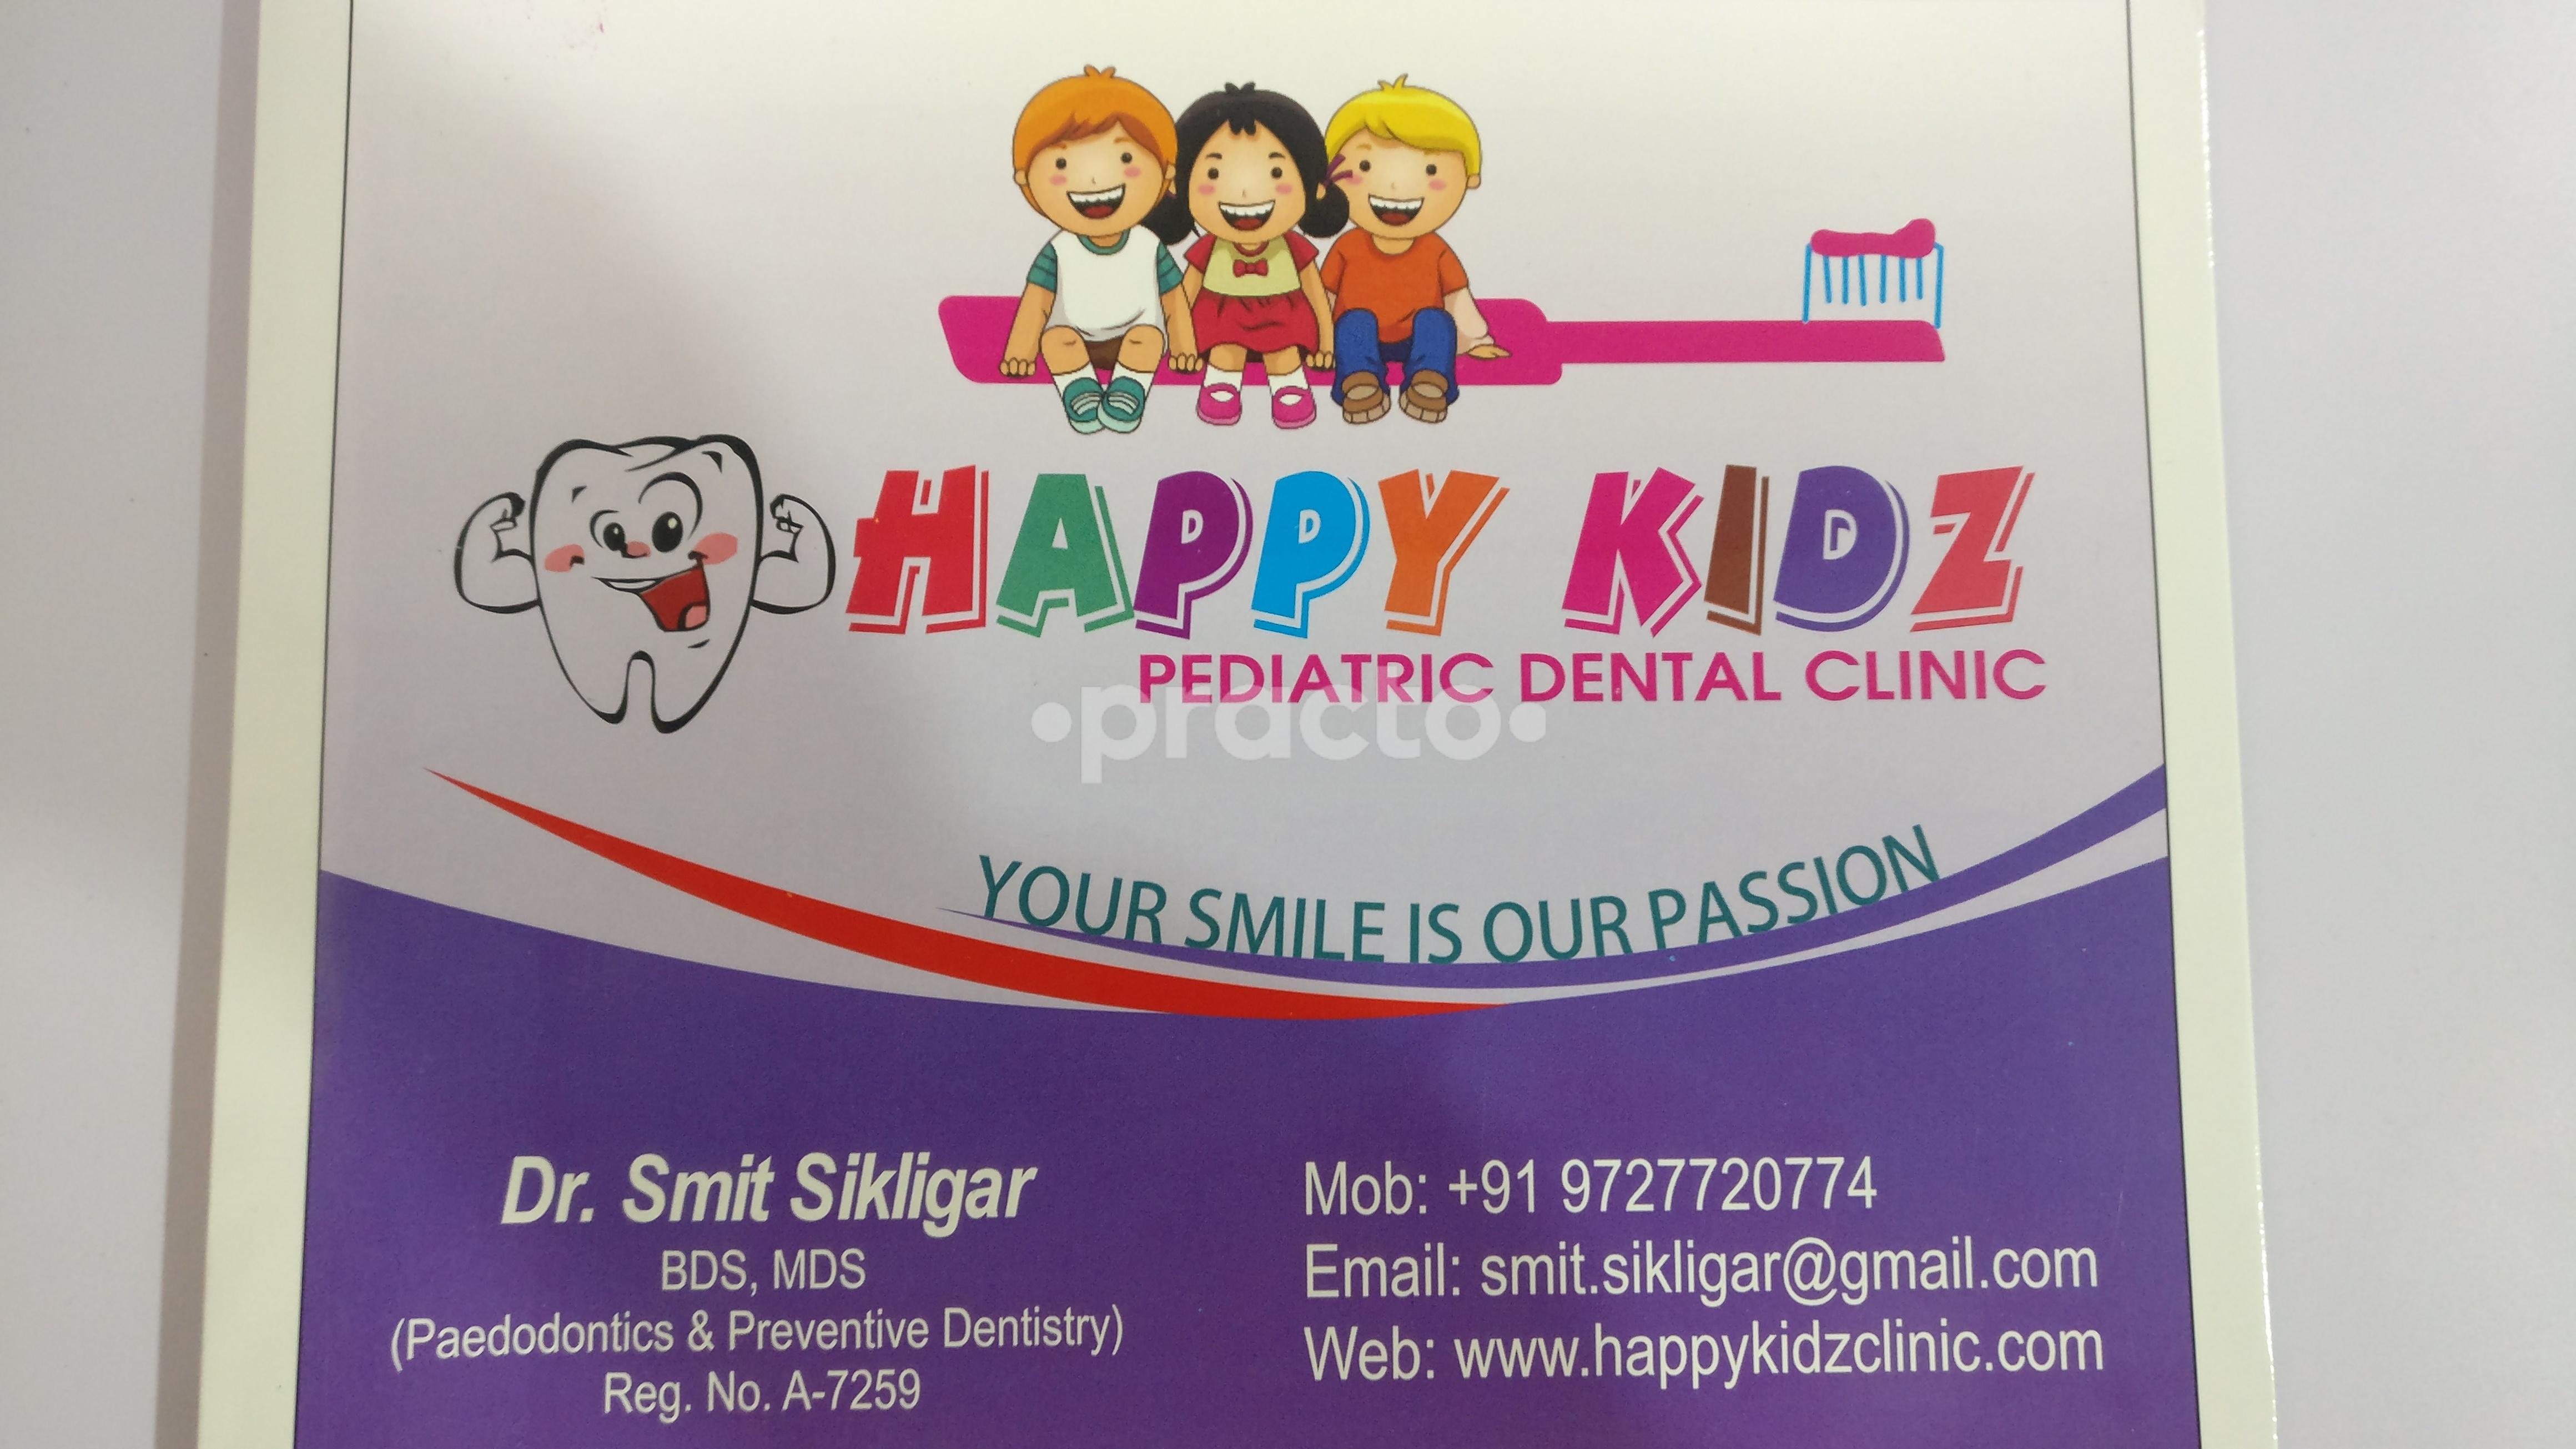 Happy Kidz Pediatric Dental Clinic